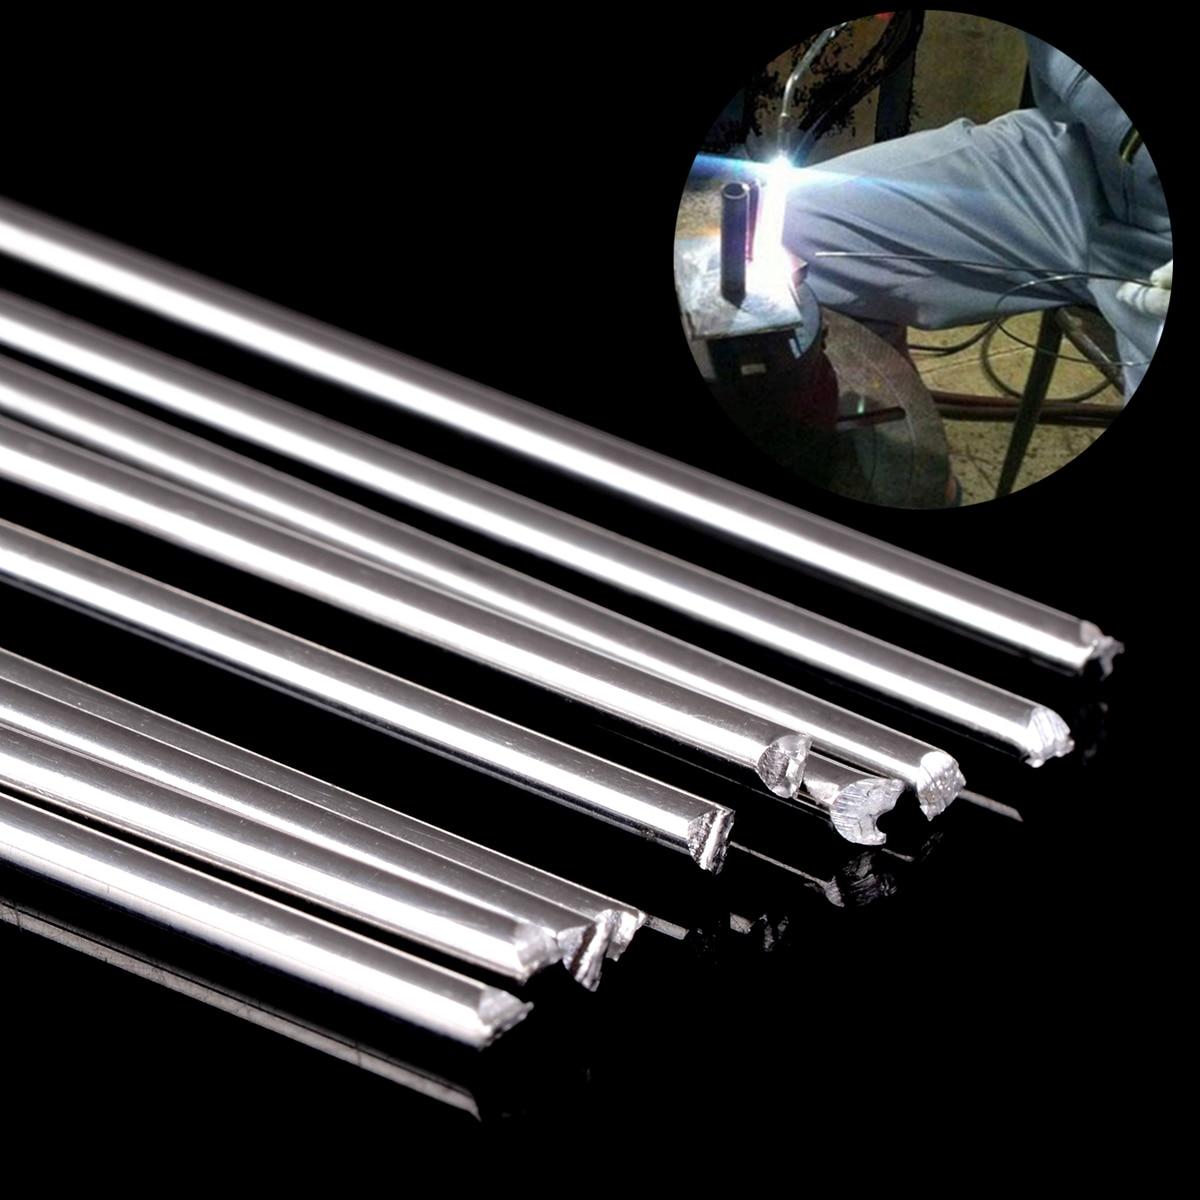 Barras de soldadura de aluminio y Metal, 10 Uds., varilla de soldadura de plata de baja temperatura, 1,6mm x 45cm| |   - AliExpress